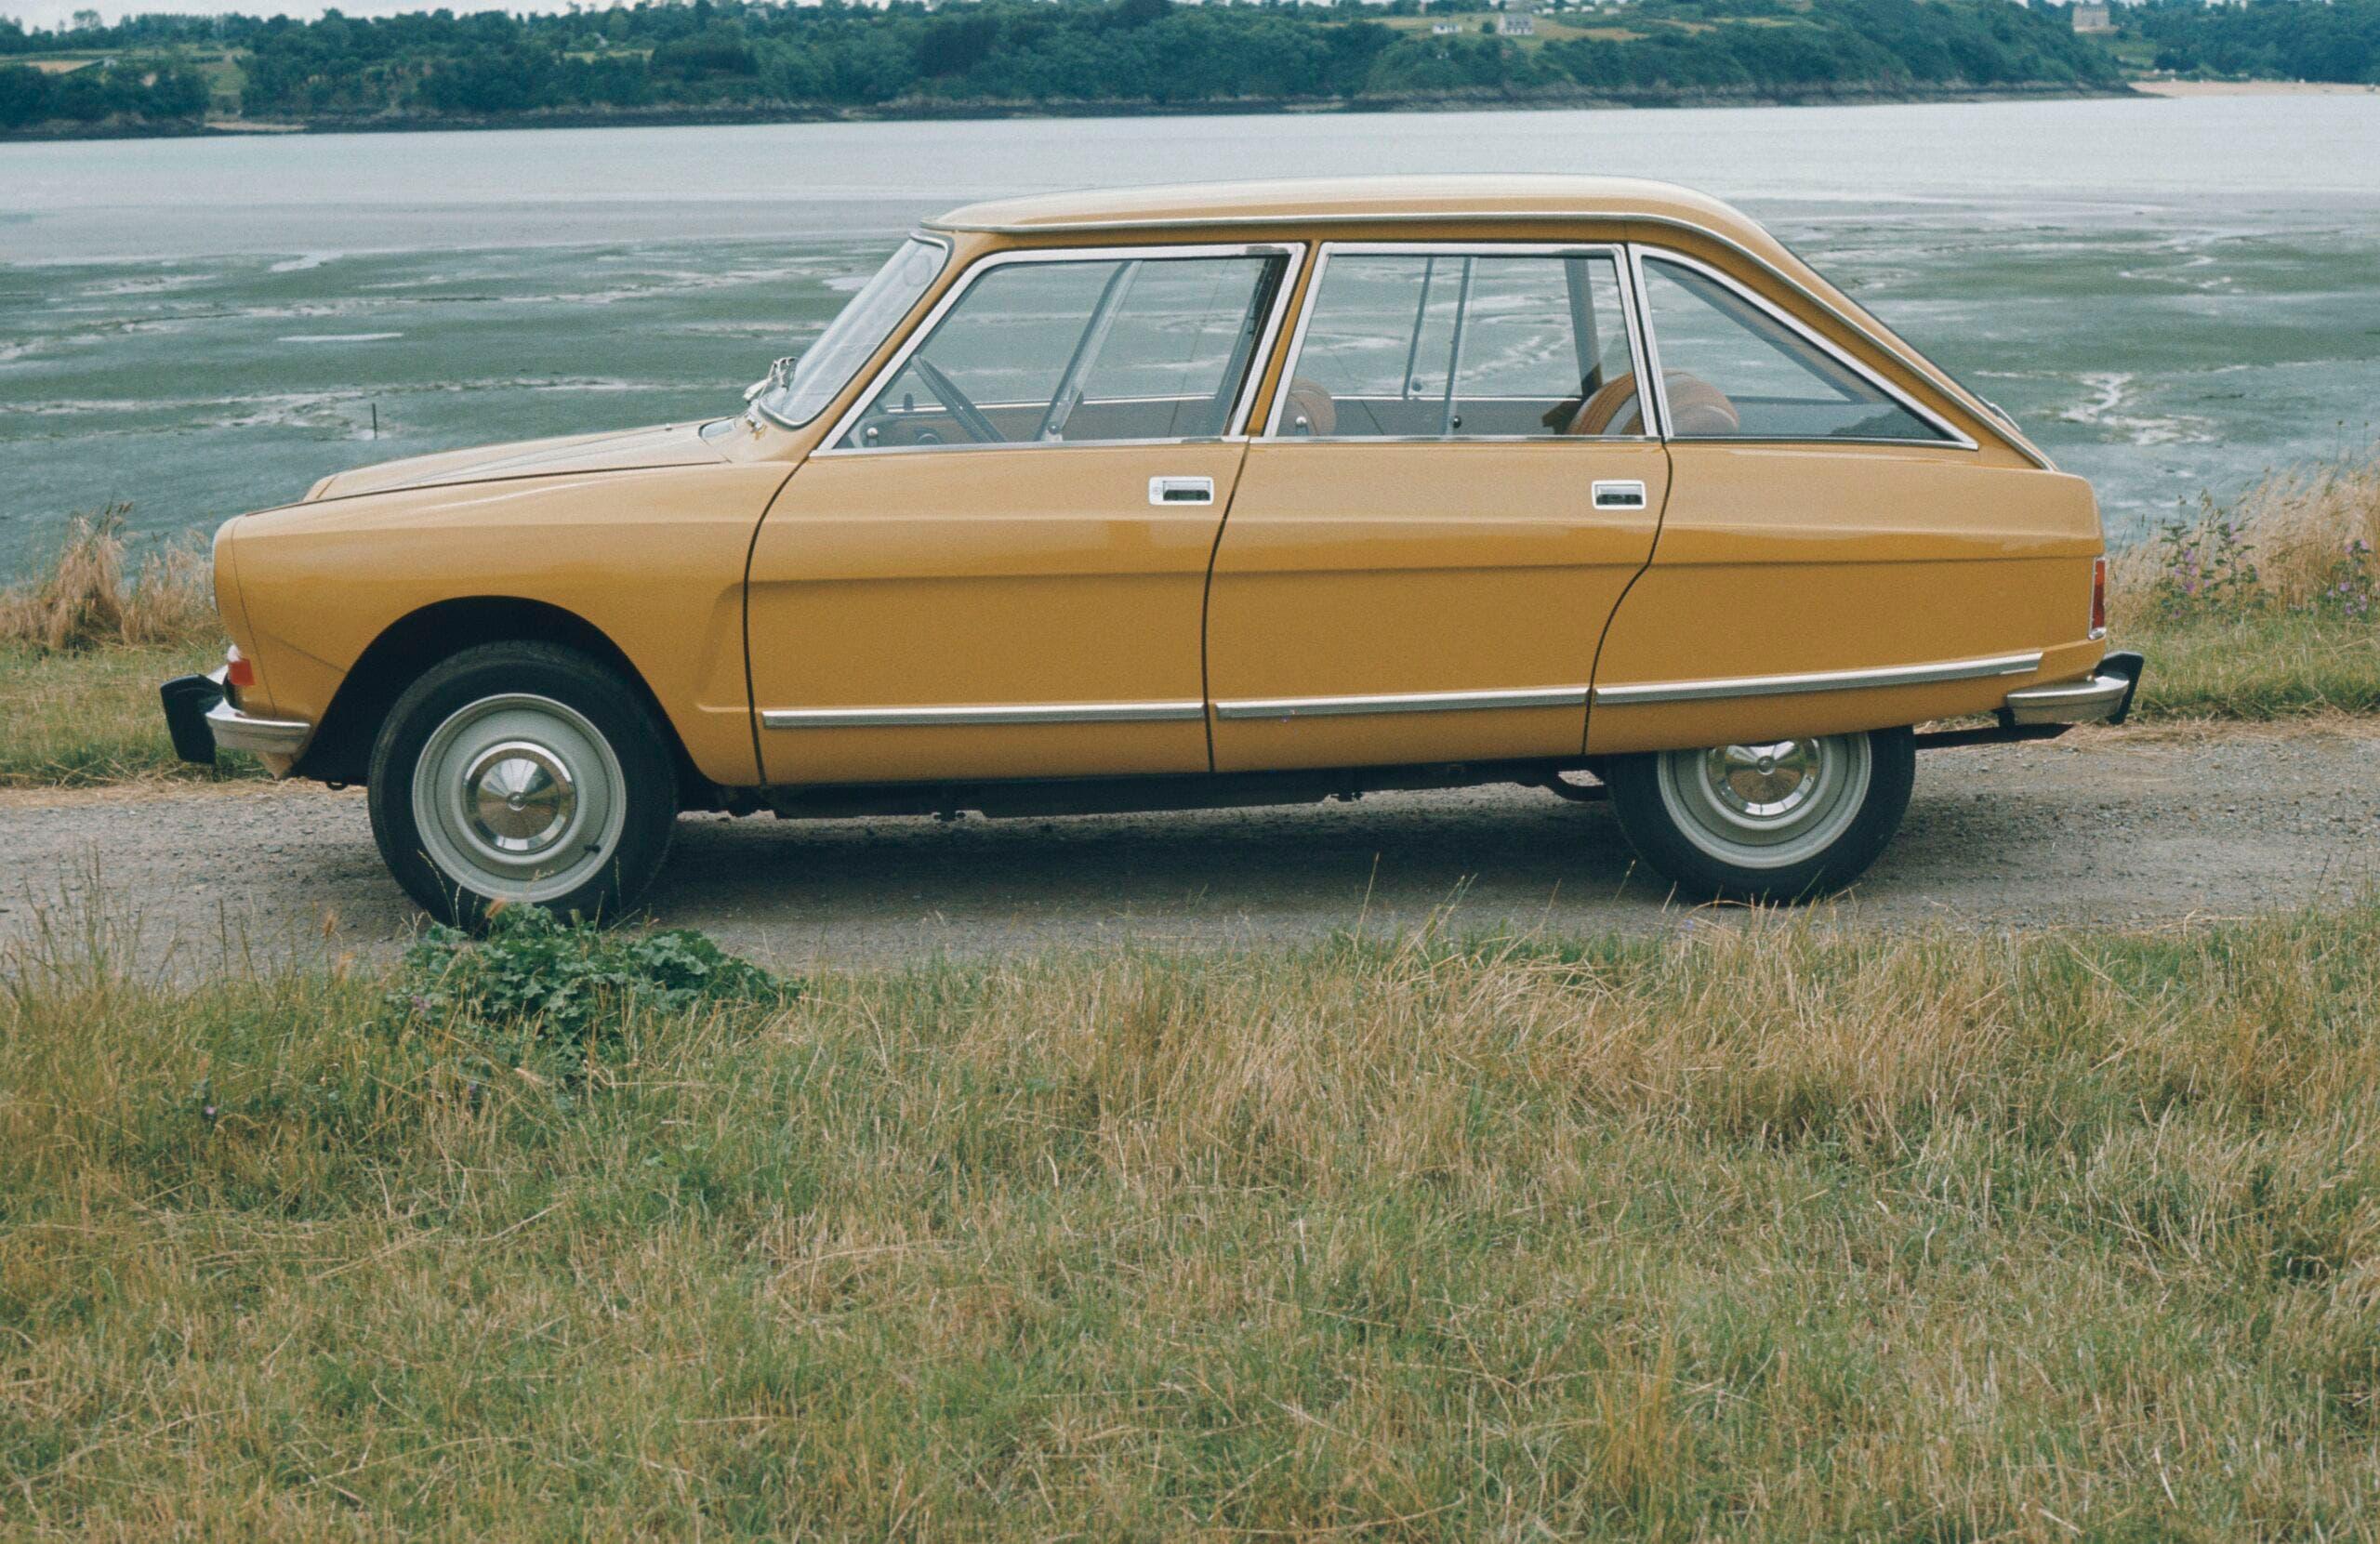 Citroën Robert Opron